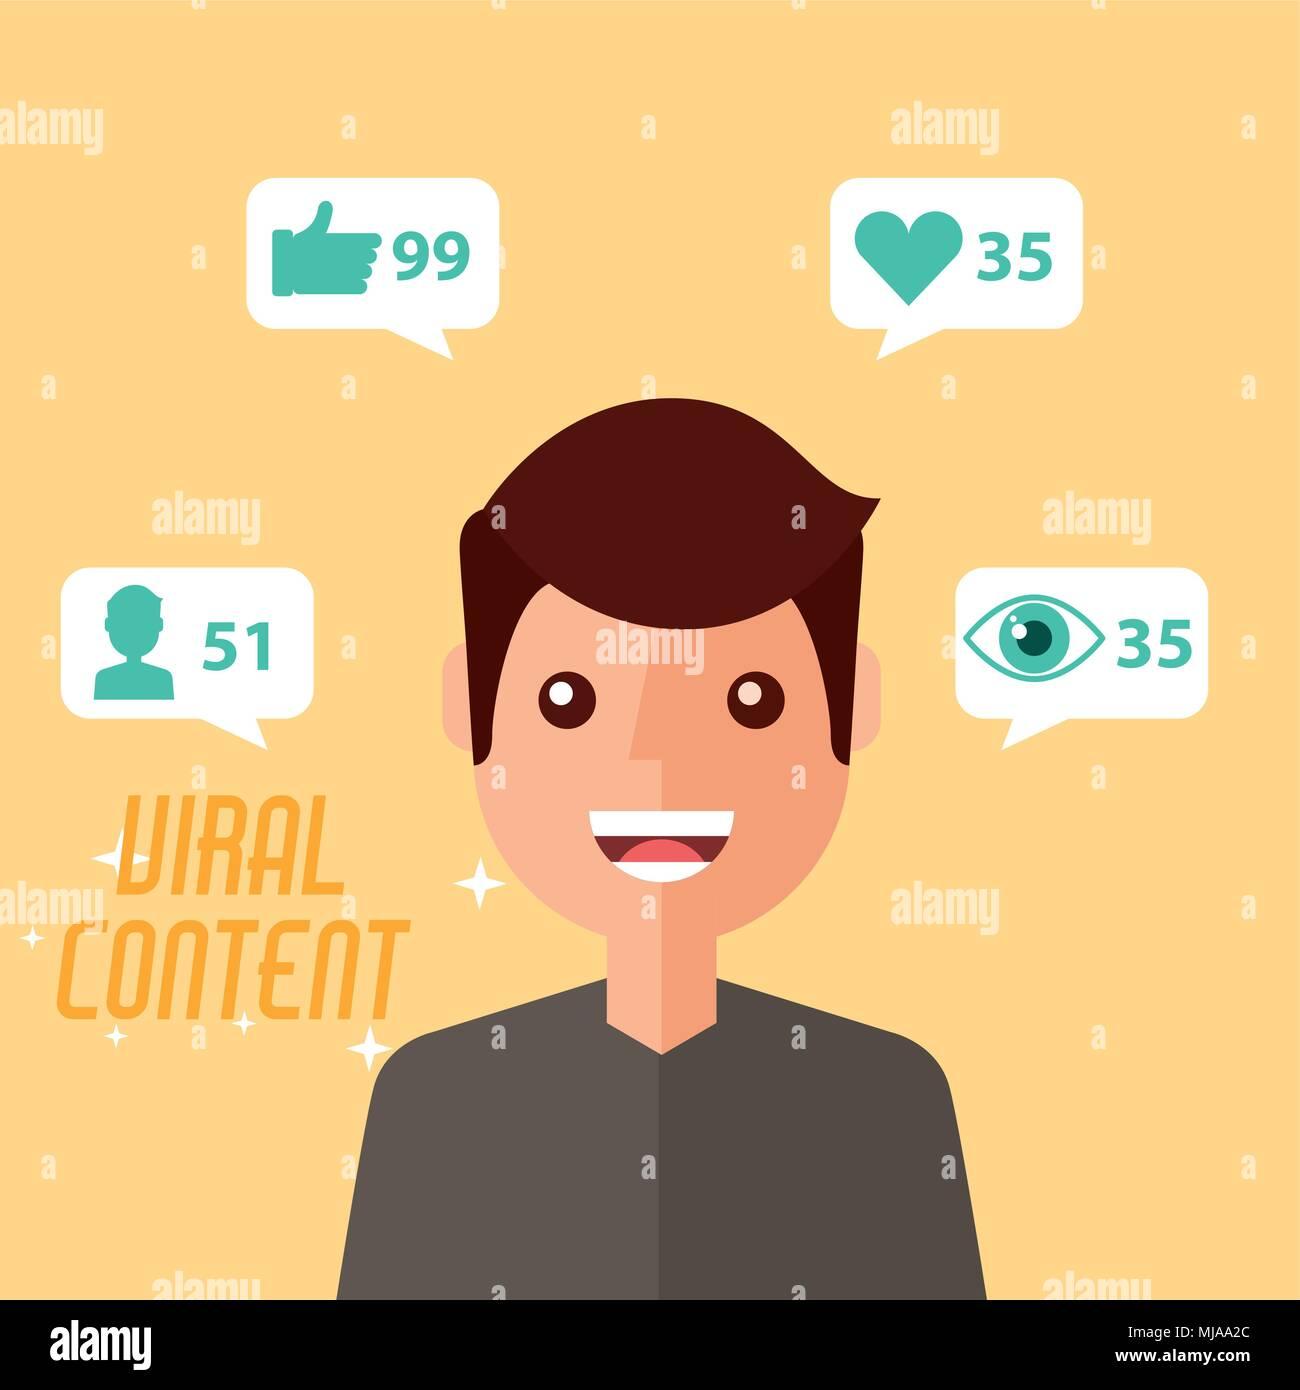 portrait man viral content - Stock Image